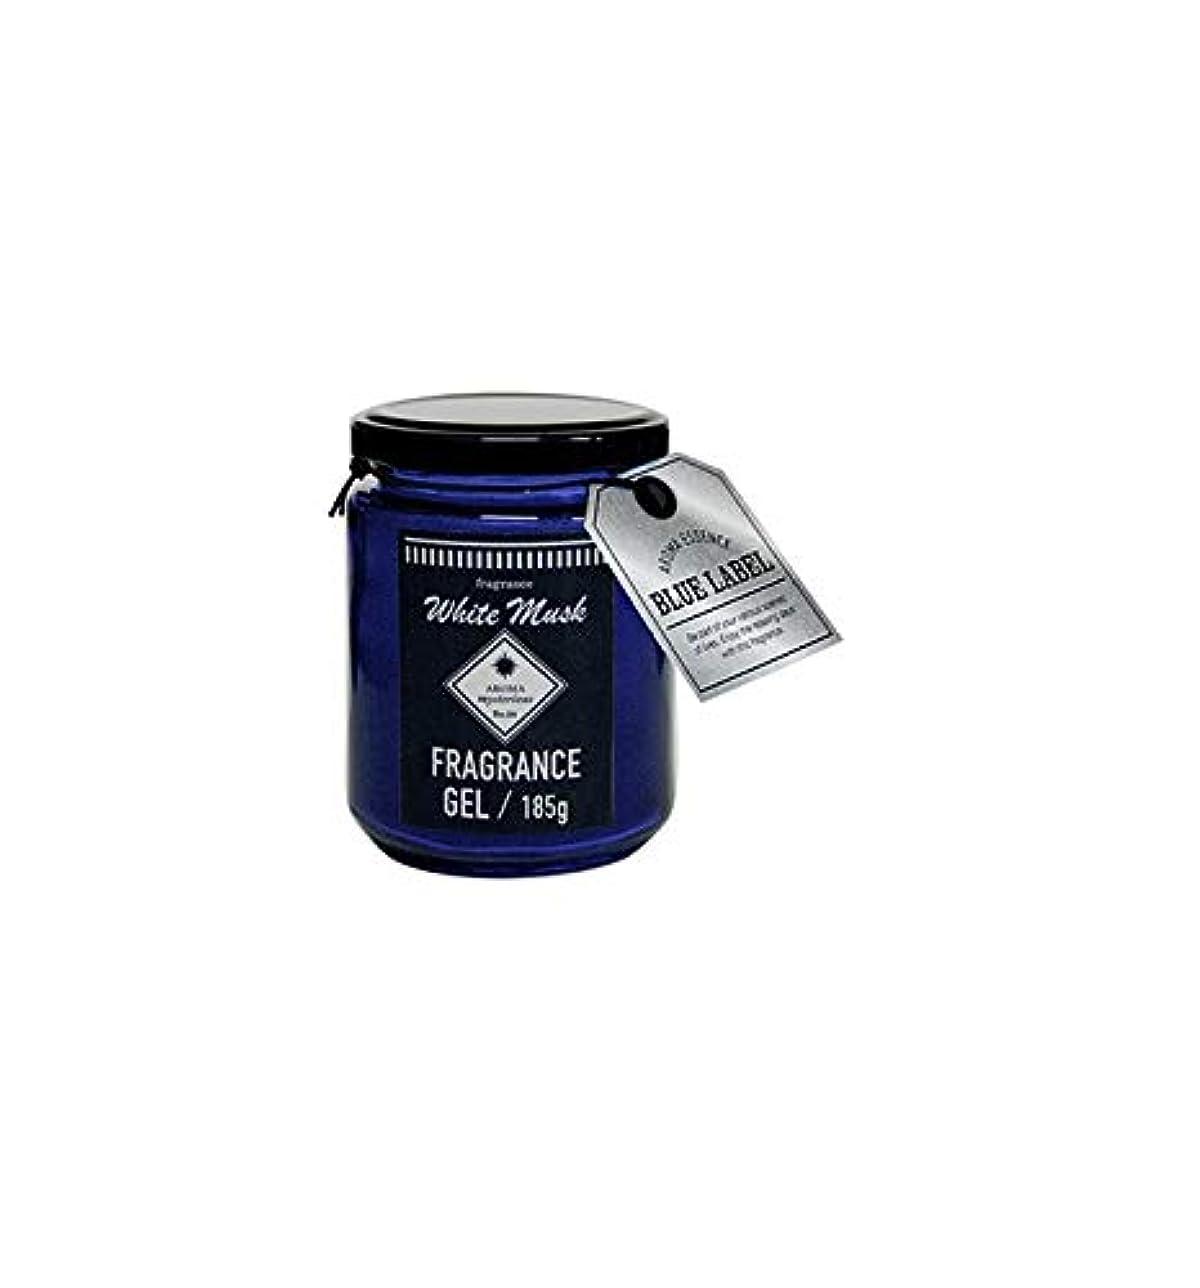 ヒューマニスティック反対に煩わしいブルーラベル ブルー フレグランスジェル185g ホワイトムスク(消臭除菌 日本製 誰もが好む香り)